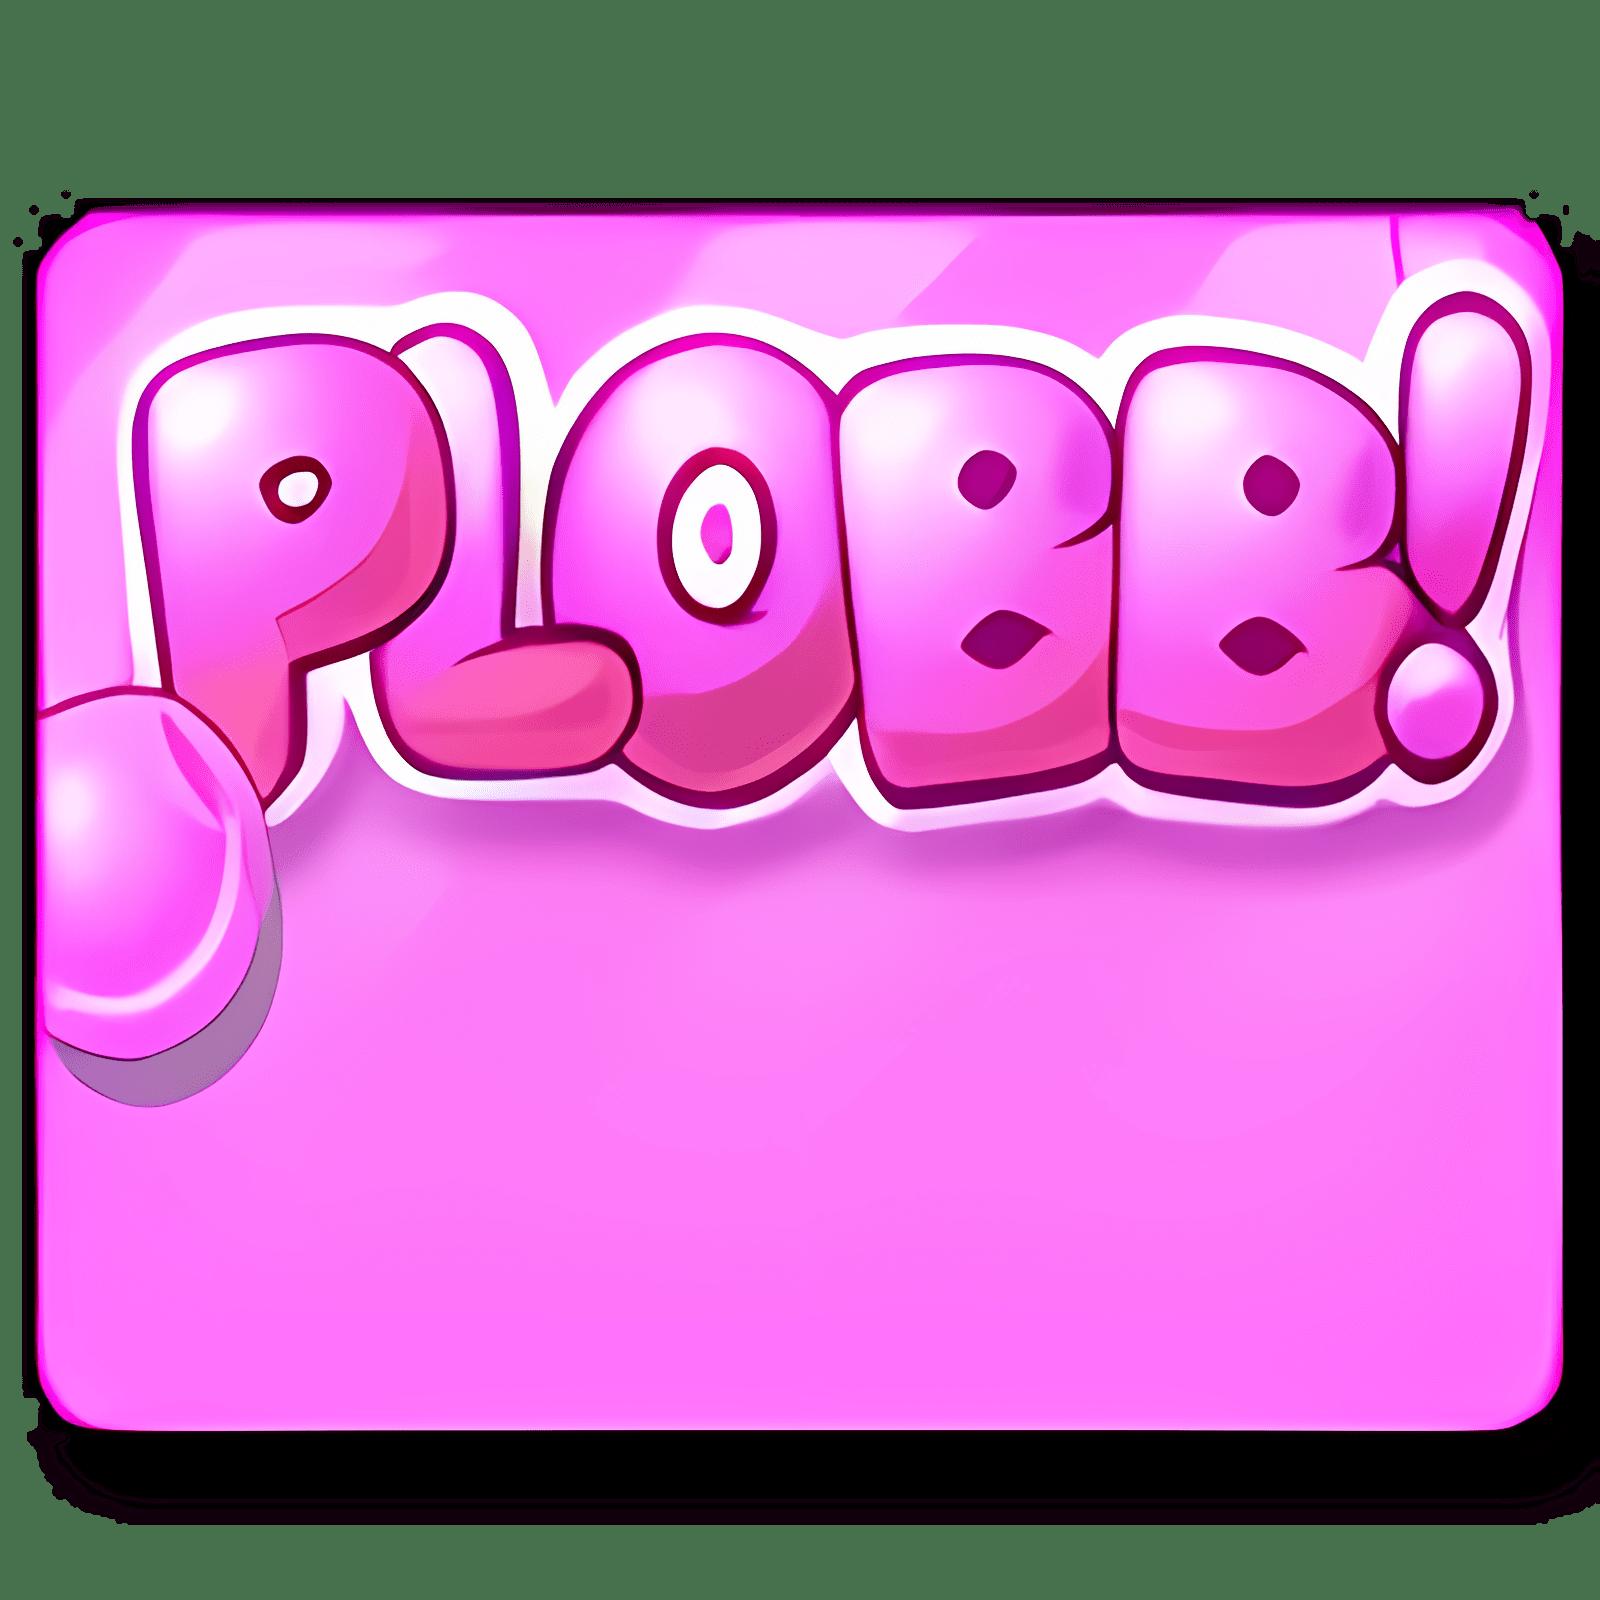 plobb! 1.2.1